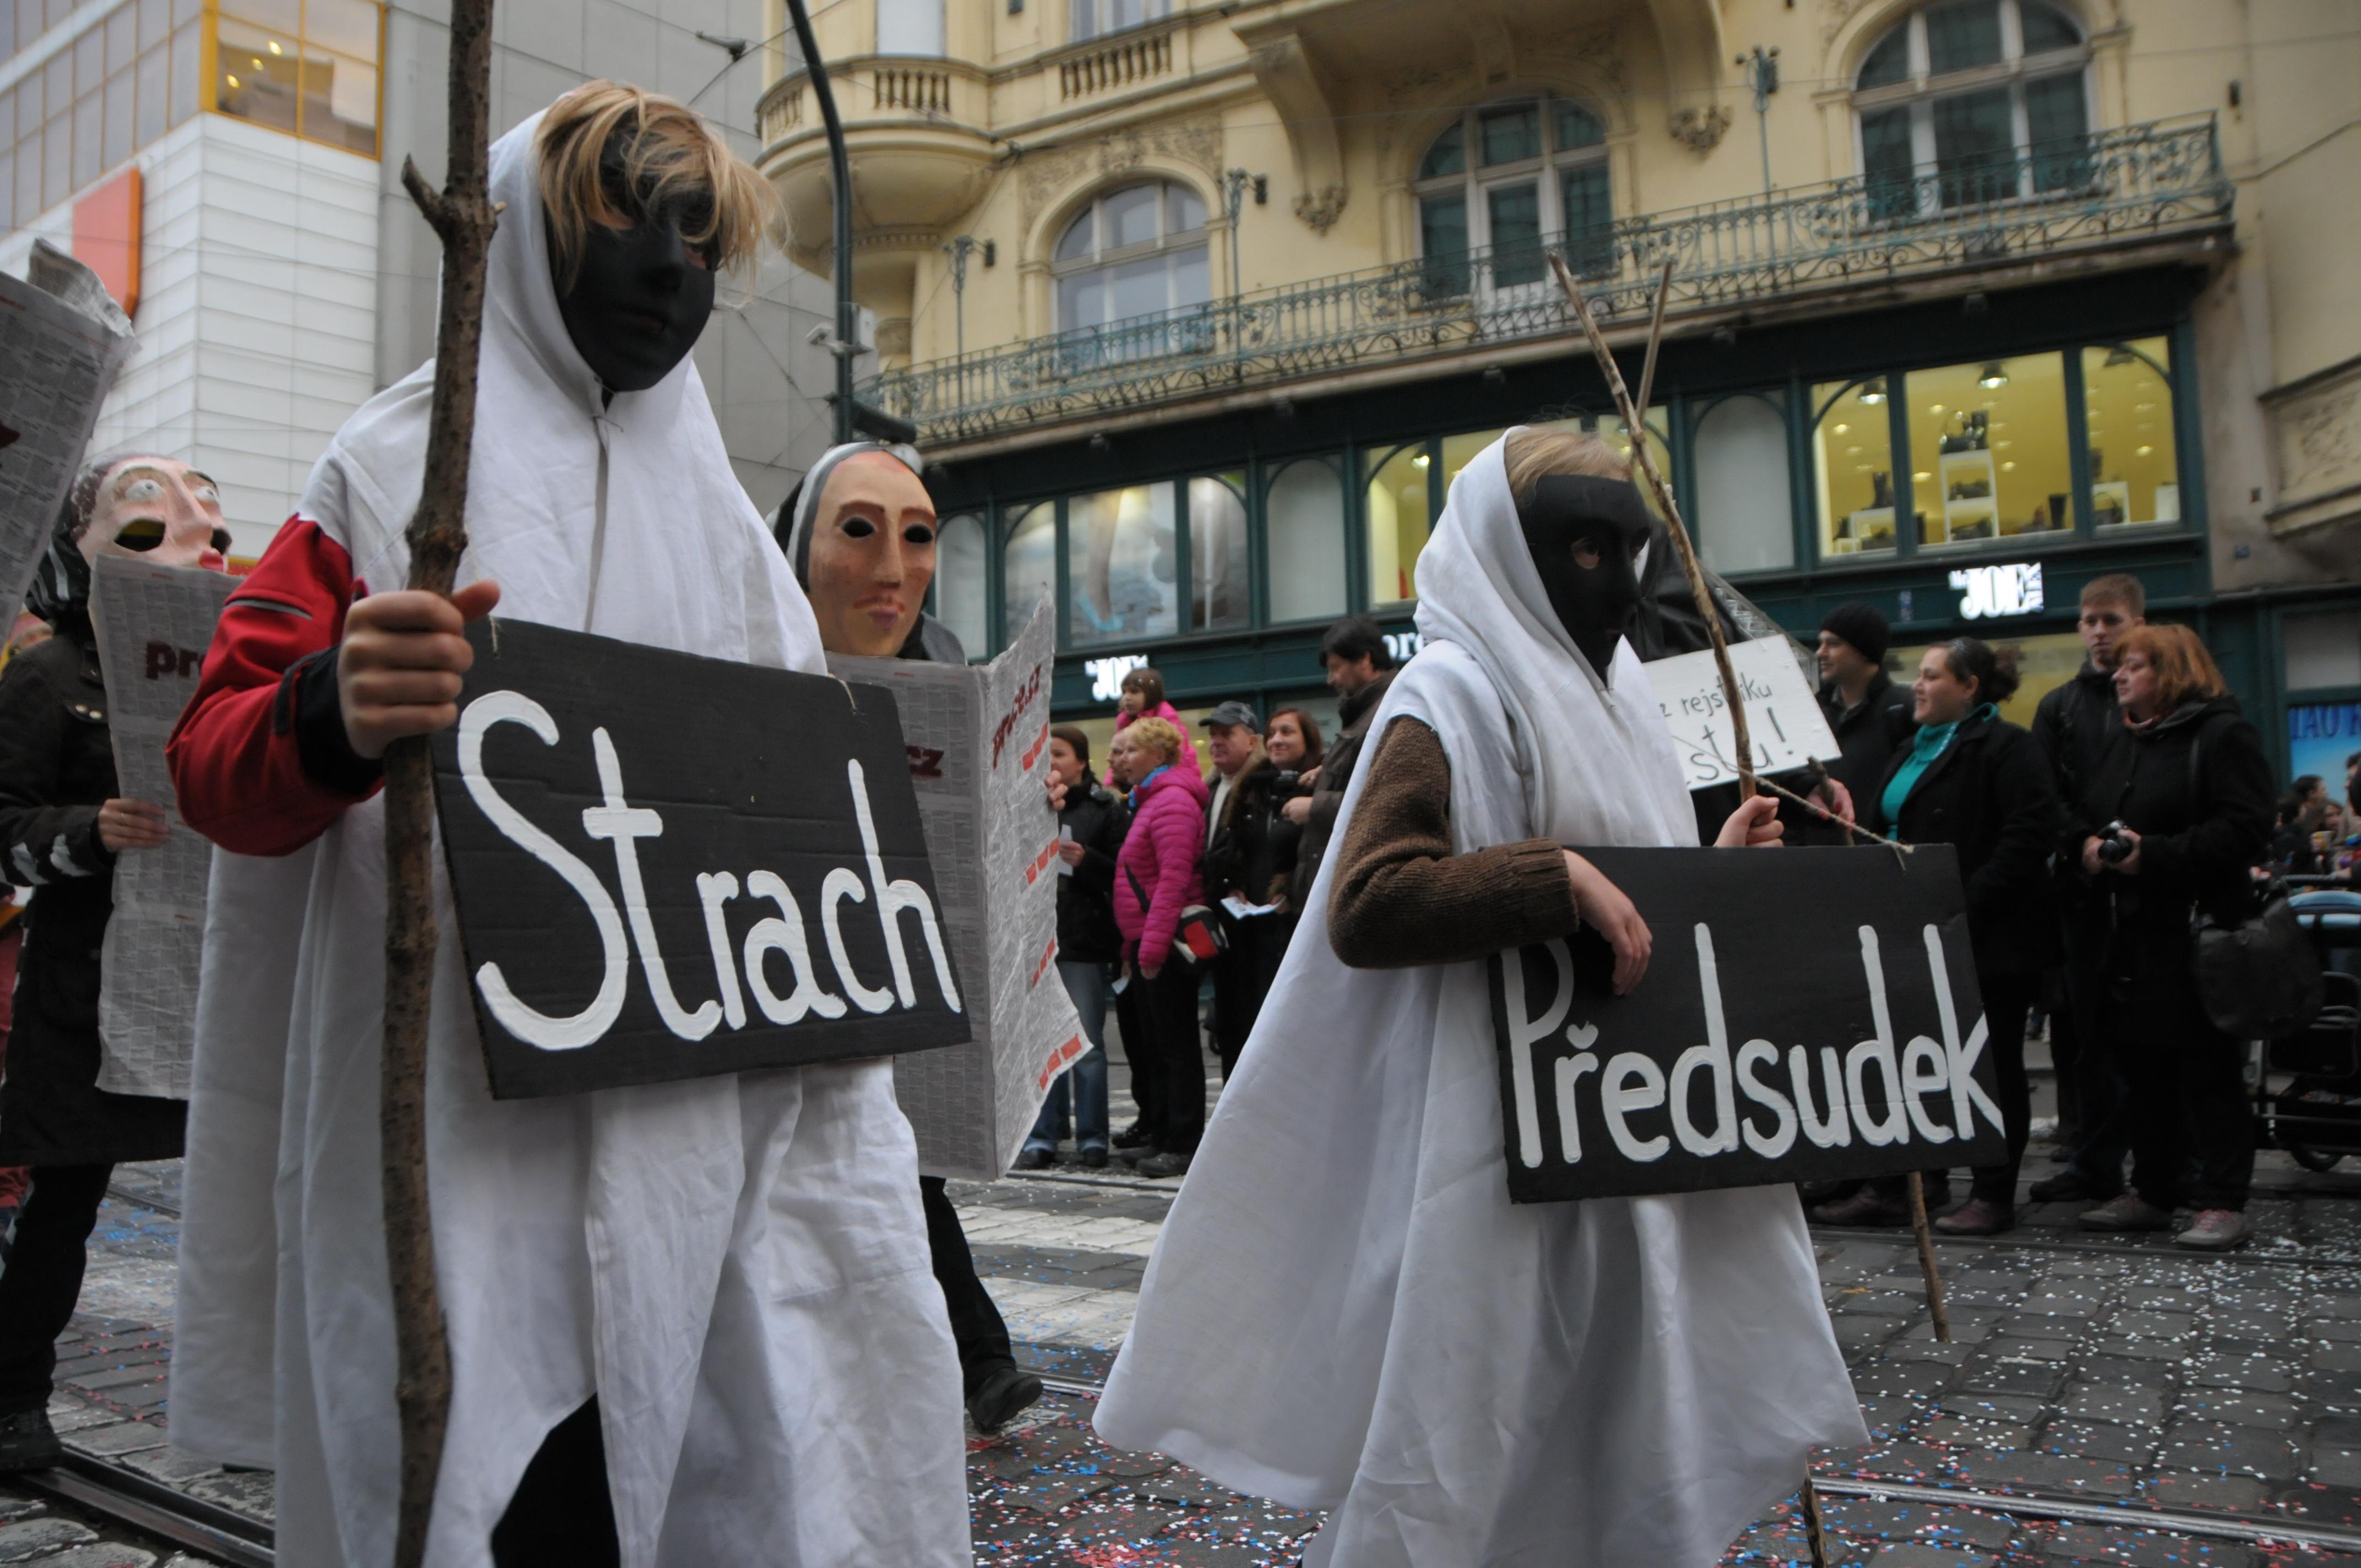 Fear and Predjudice